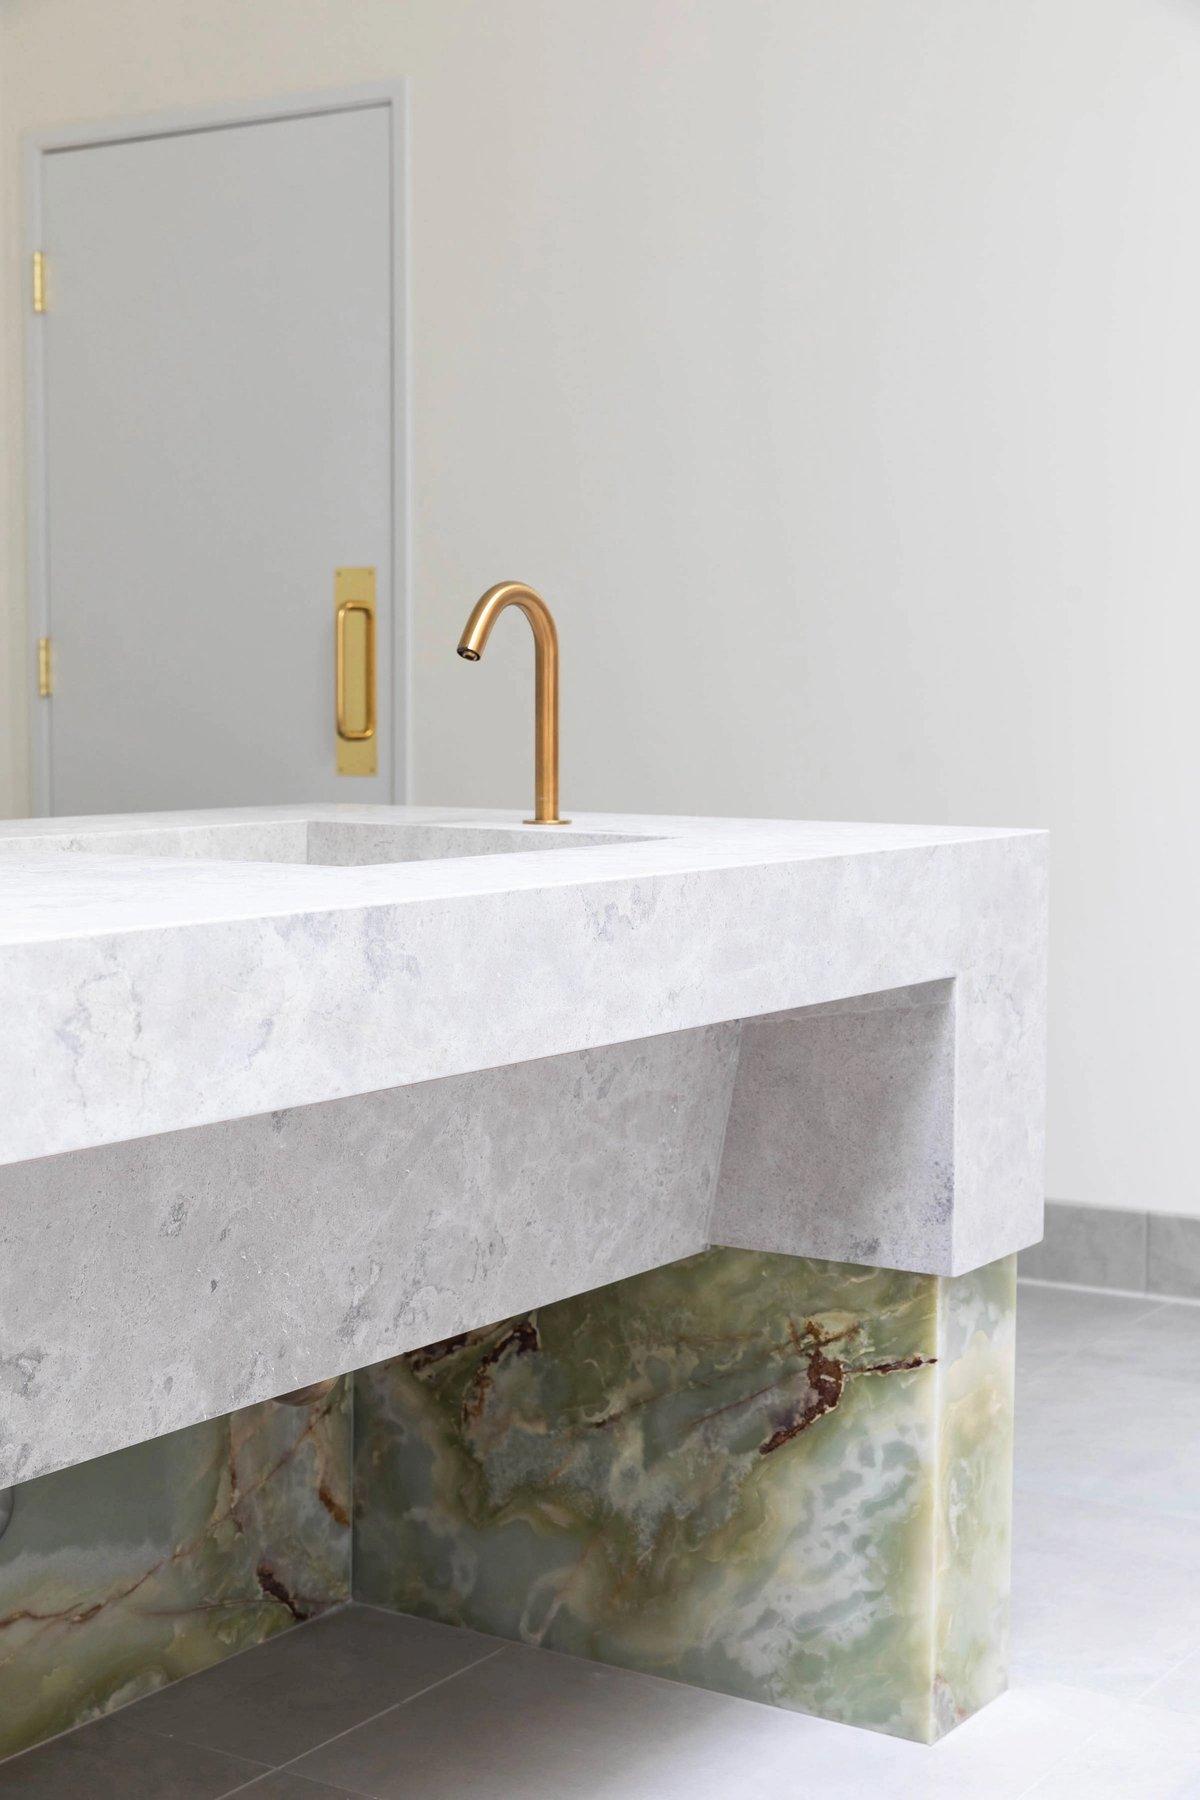 Onyx, brass & limestone details.